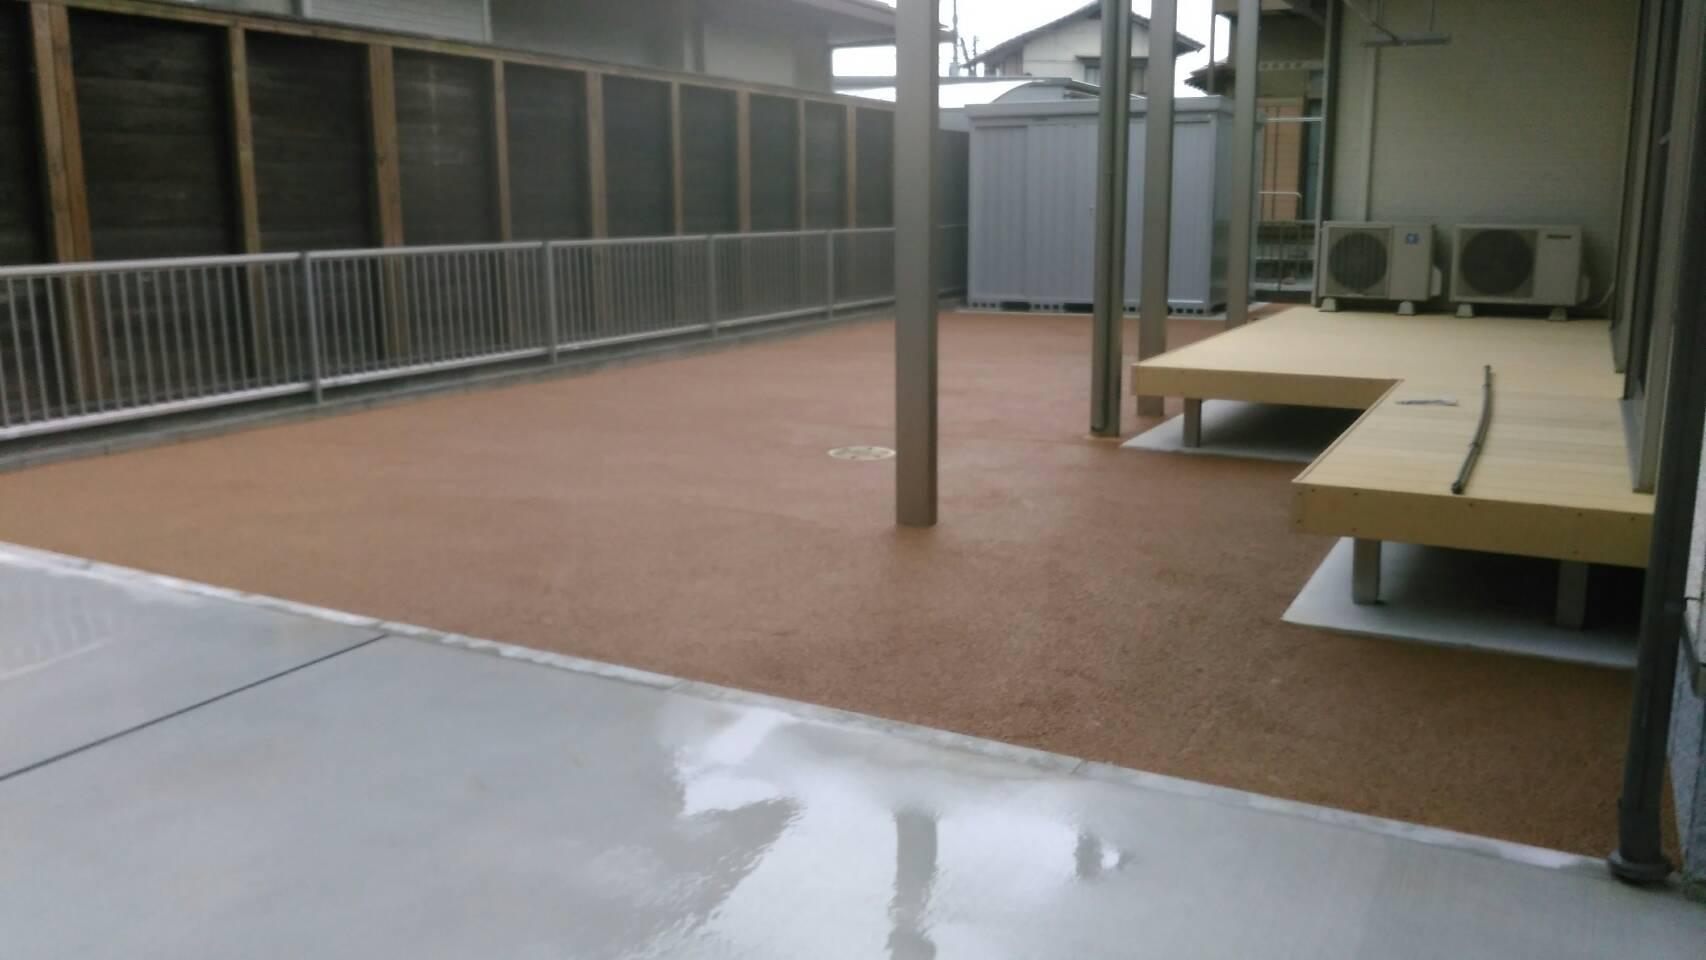 7/8施工 飯塚市 M邸防草工事 家の裏庭を標準色で施工しました。